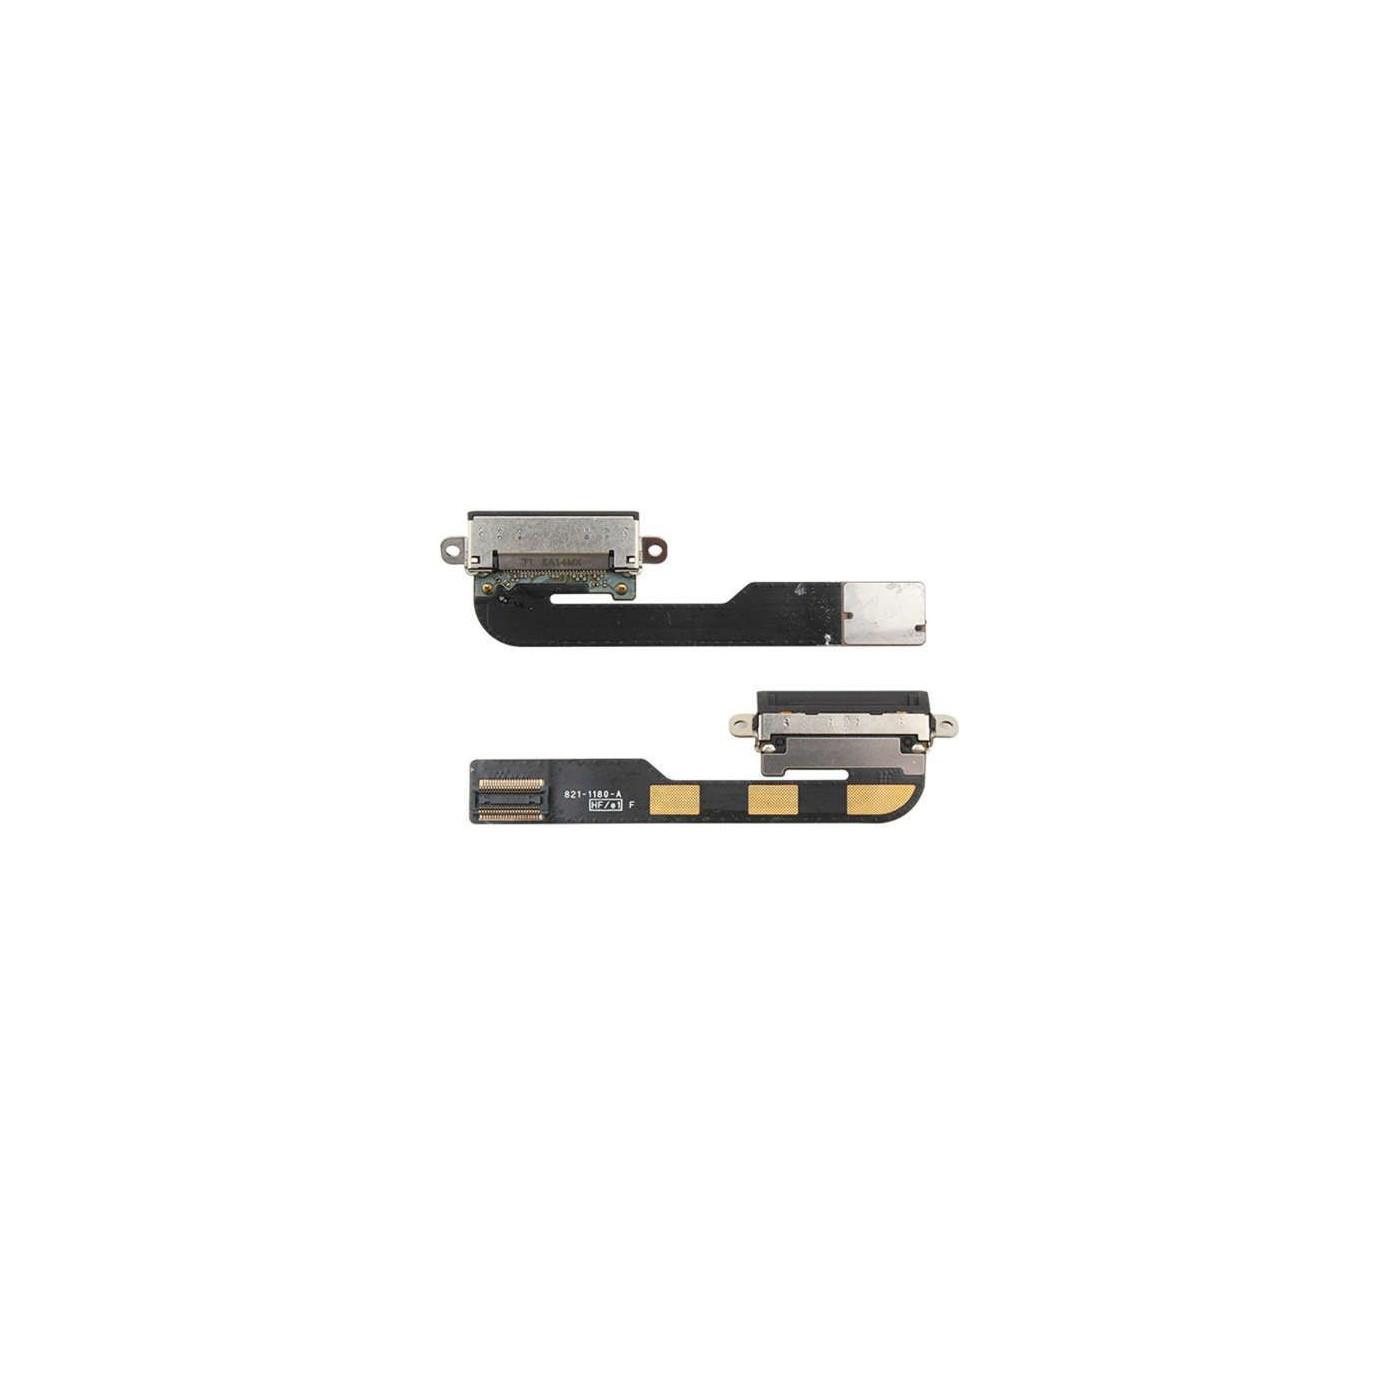 Connecteur de charge pour le port de chargement plat flex ipad apple